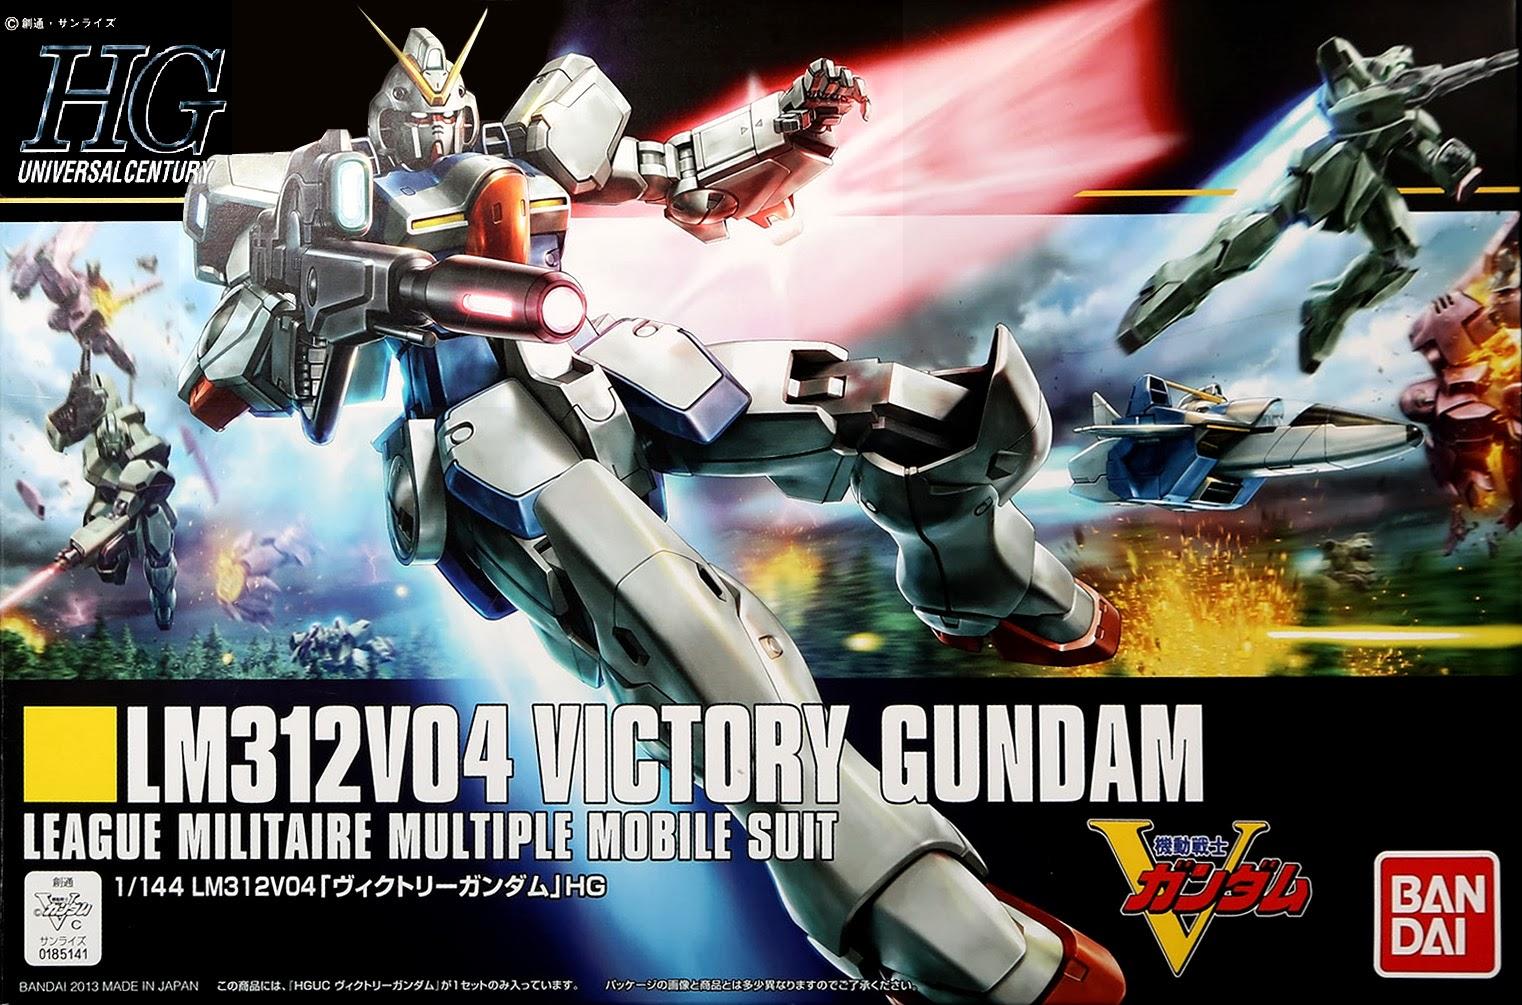 HGUC 1/144 165 Victory Gundam 1200y